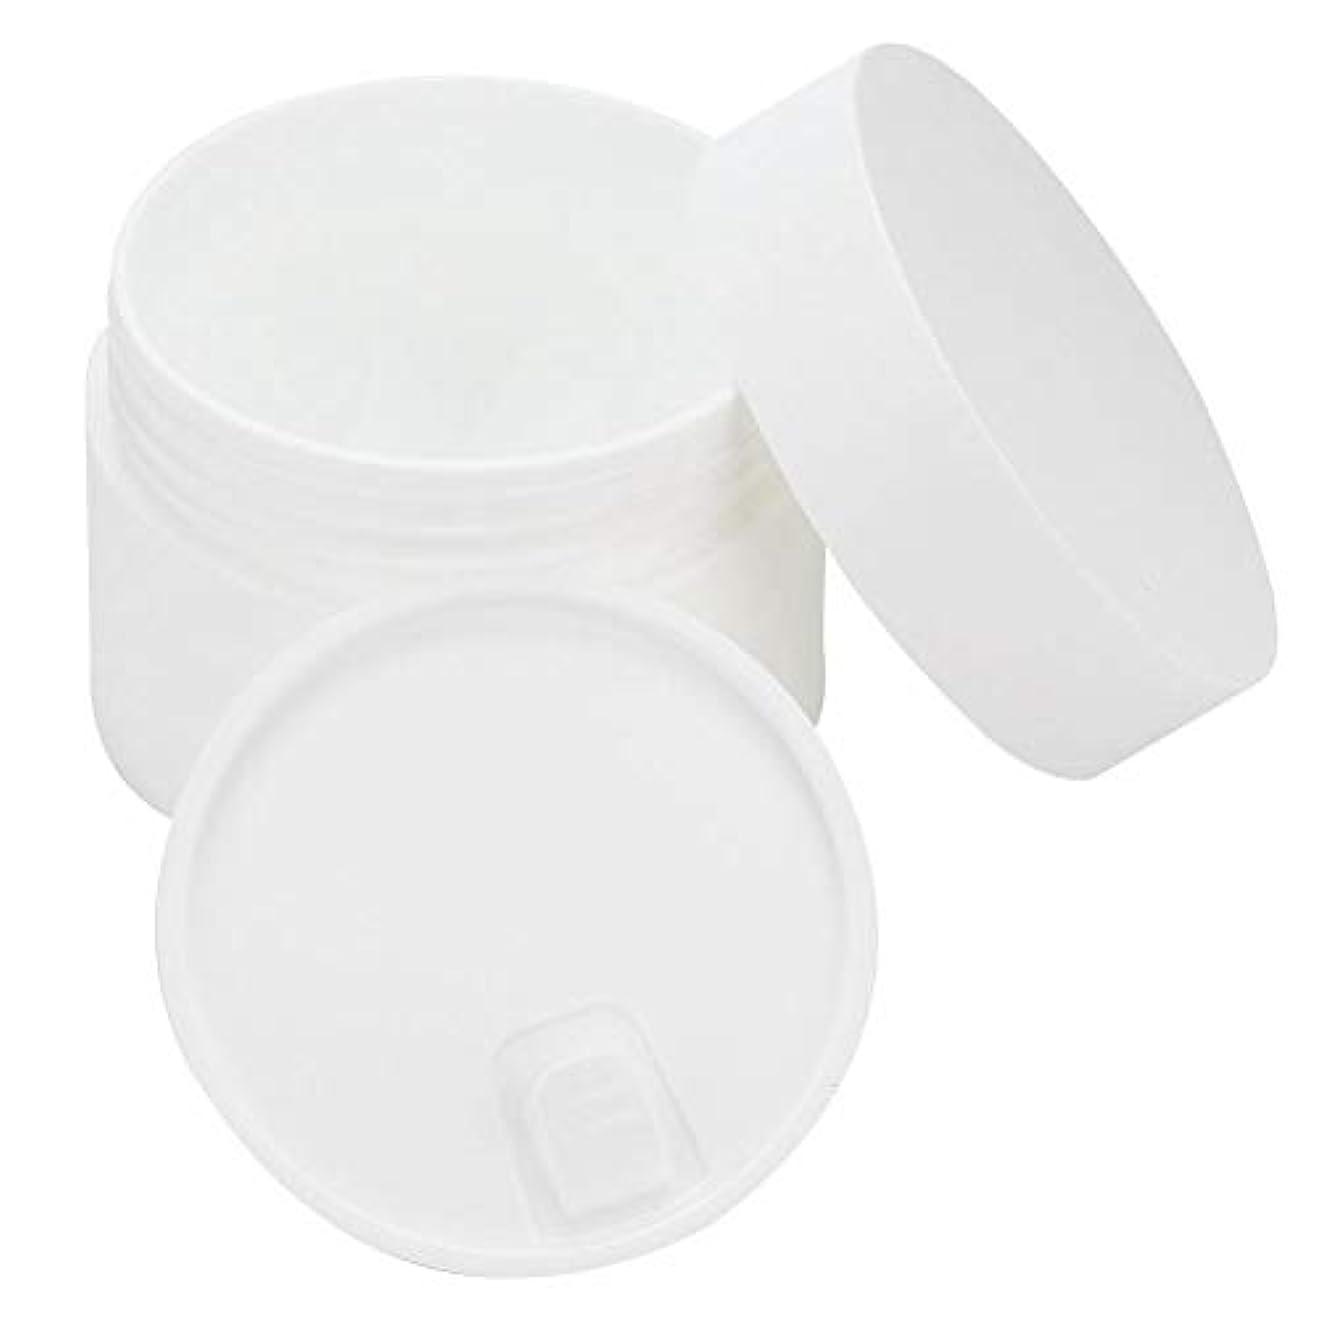 西本当のことを言うとサンダル30g空の旅行フェイシャルクリームボトル充填可能なスキンケア製品容器ボトルDIYマスクボトル